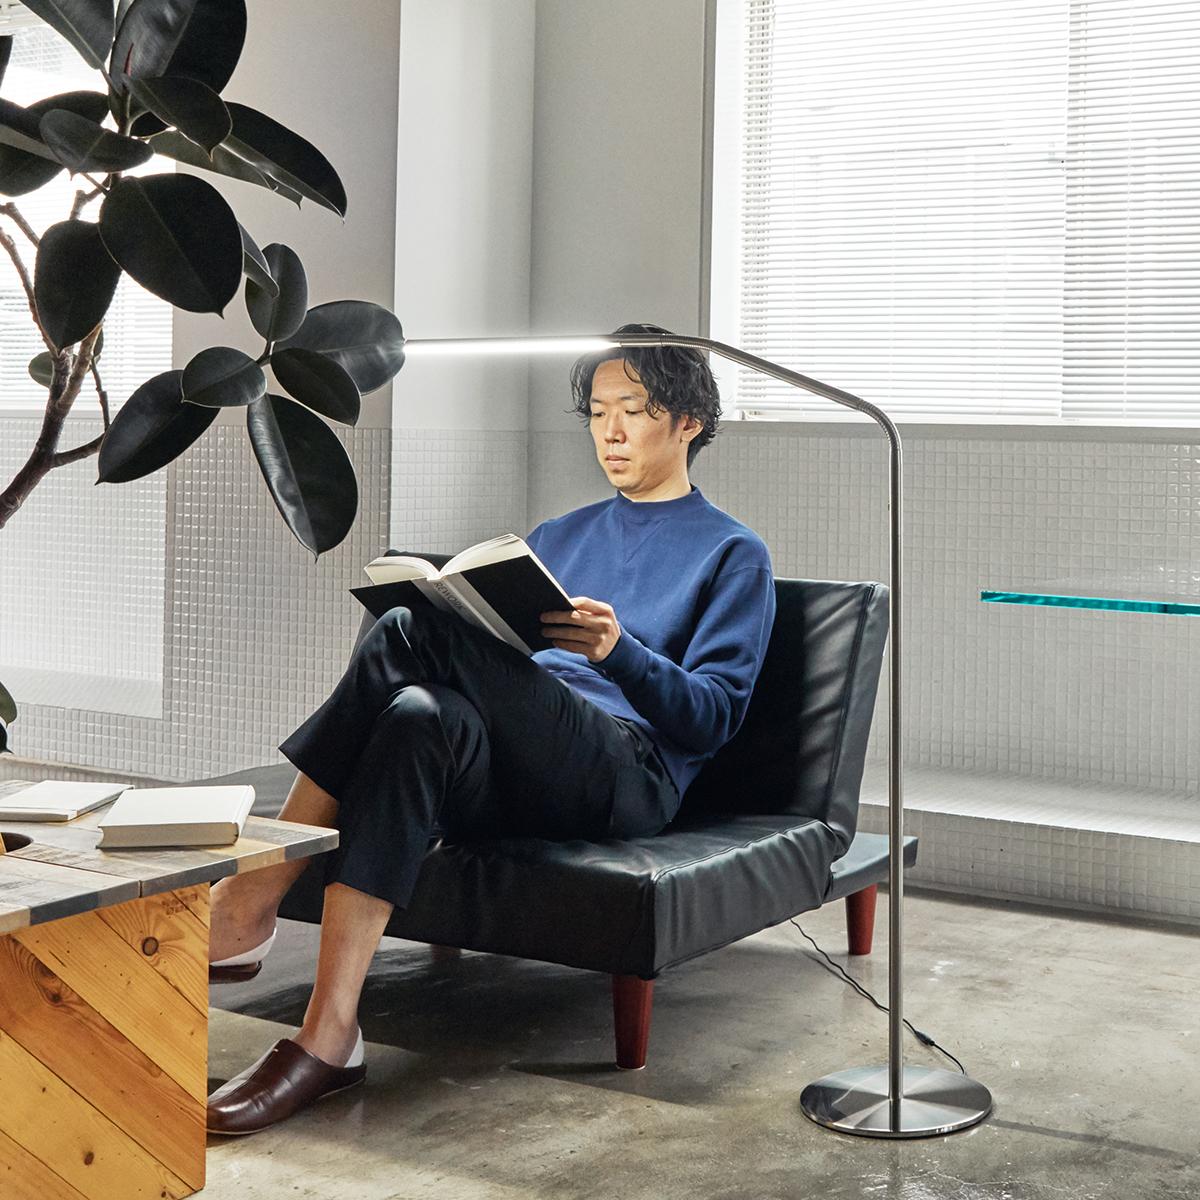 集中しやすい光だから仕事、勉強、作業の効率を上げる。目に優しい太陽光LEDで、読書の世界にどっぷり浸れる。直径2cmの「線」でできた、存在感を感じさせないフロアライト|Daylight - Slimline3